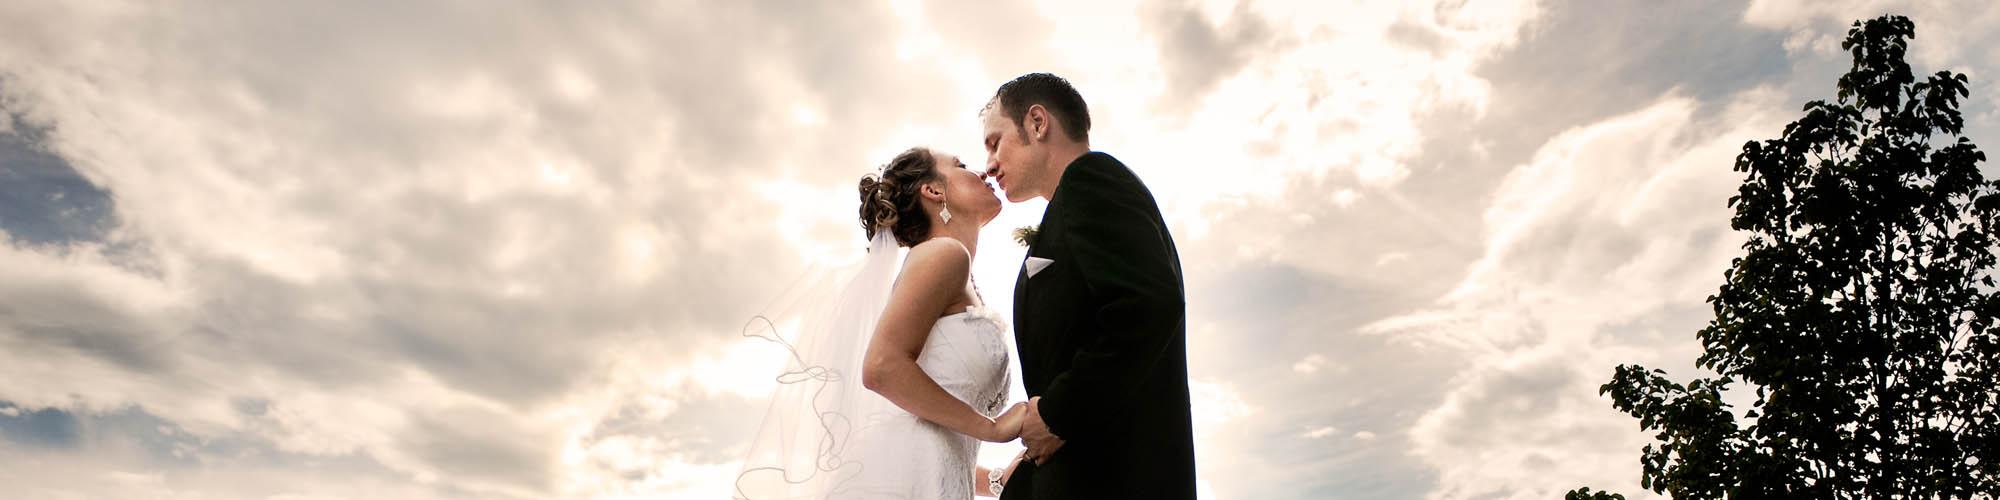 брак с иностранцем в росии